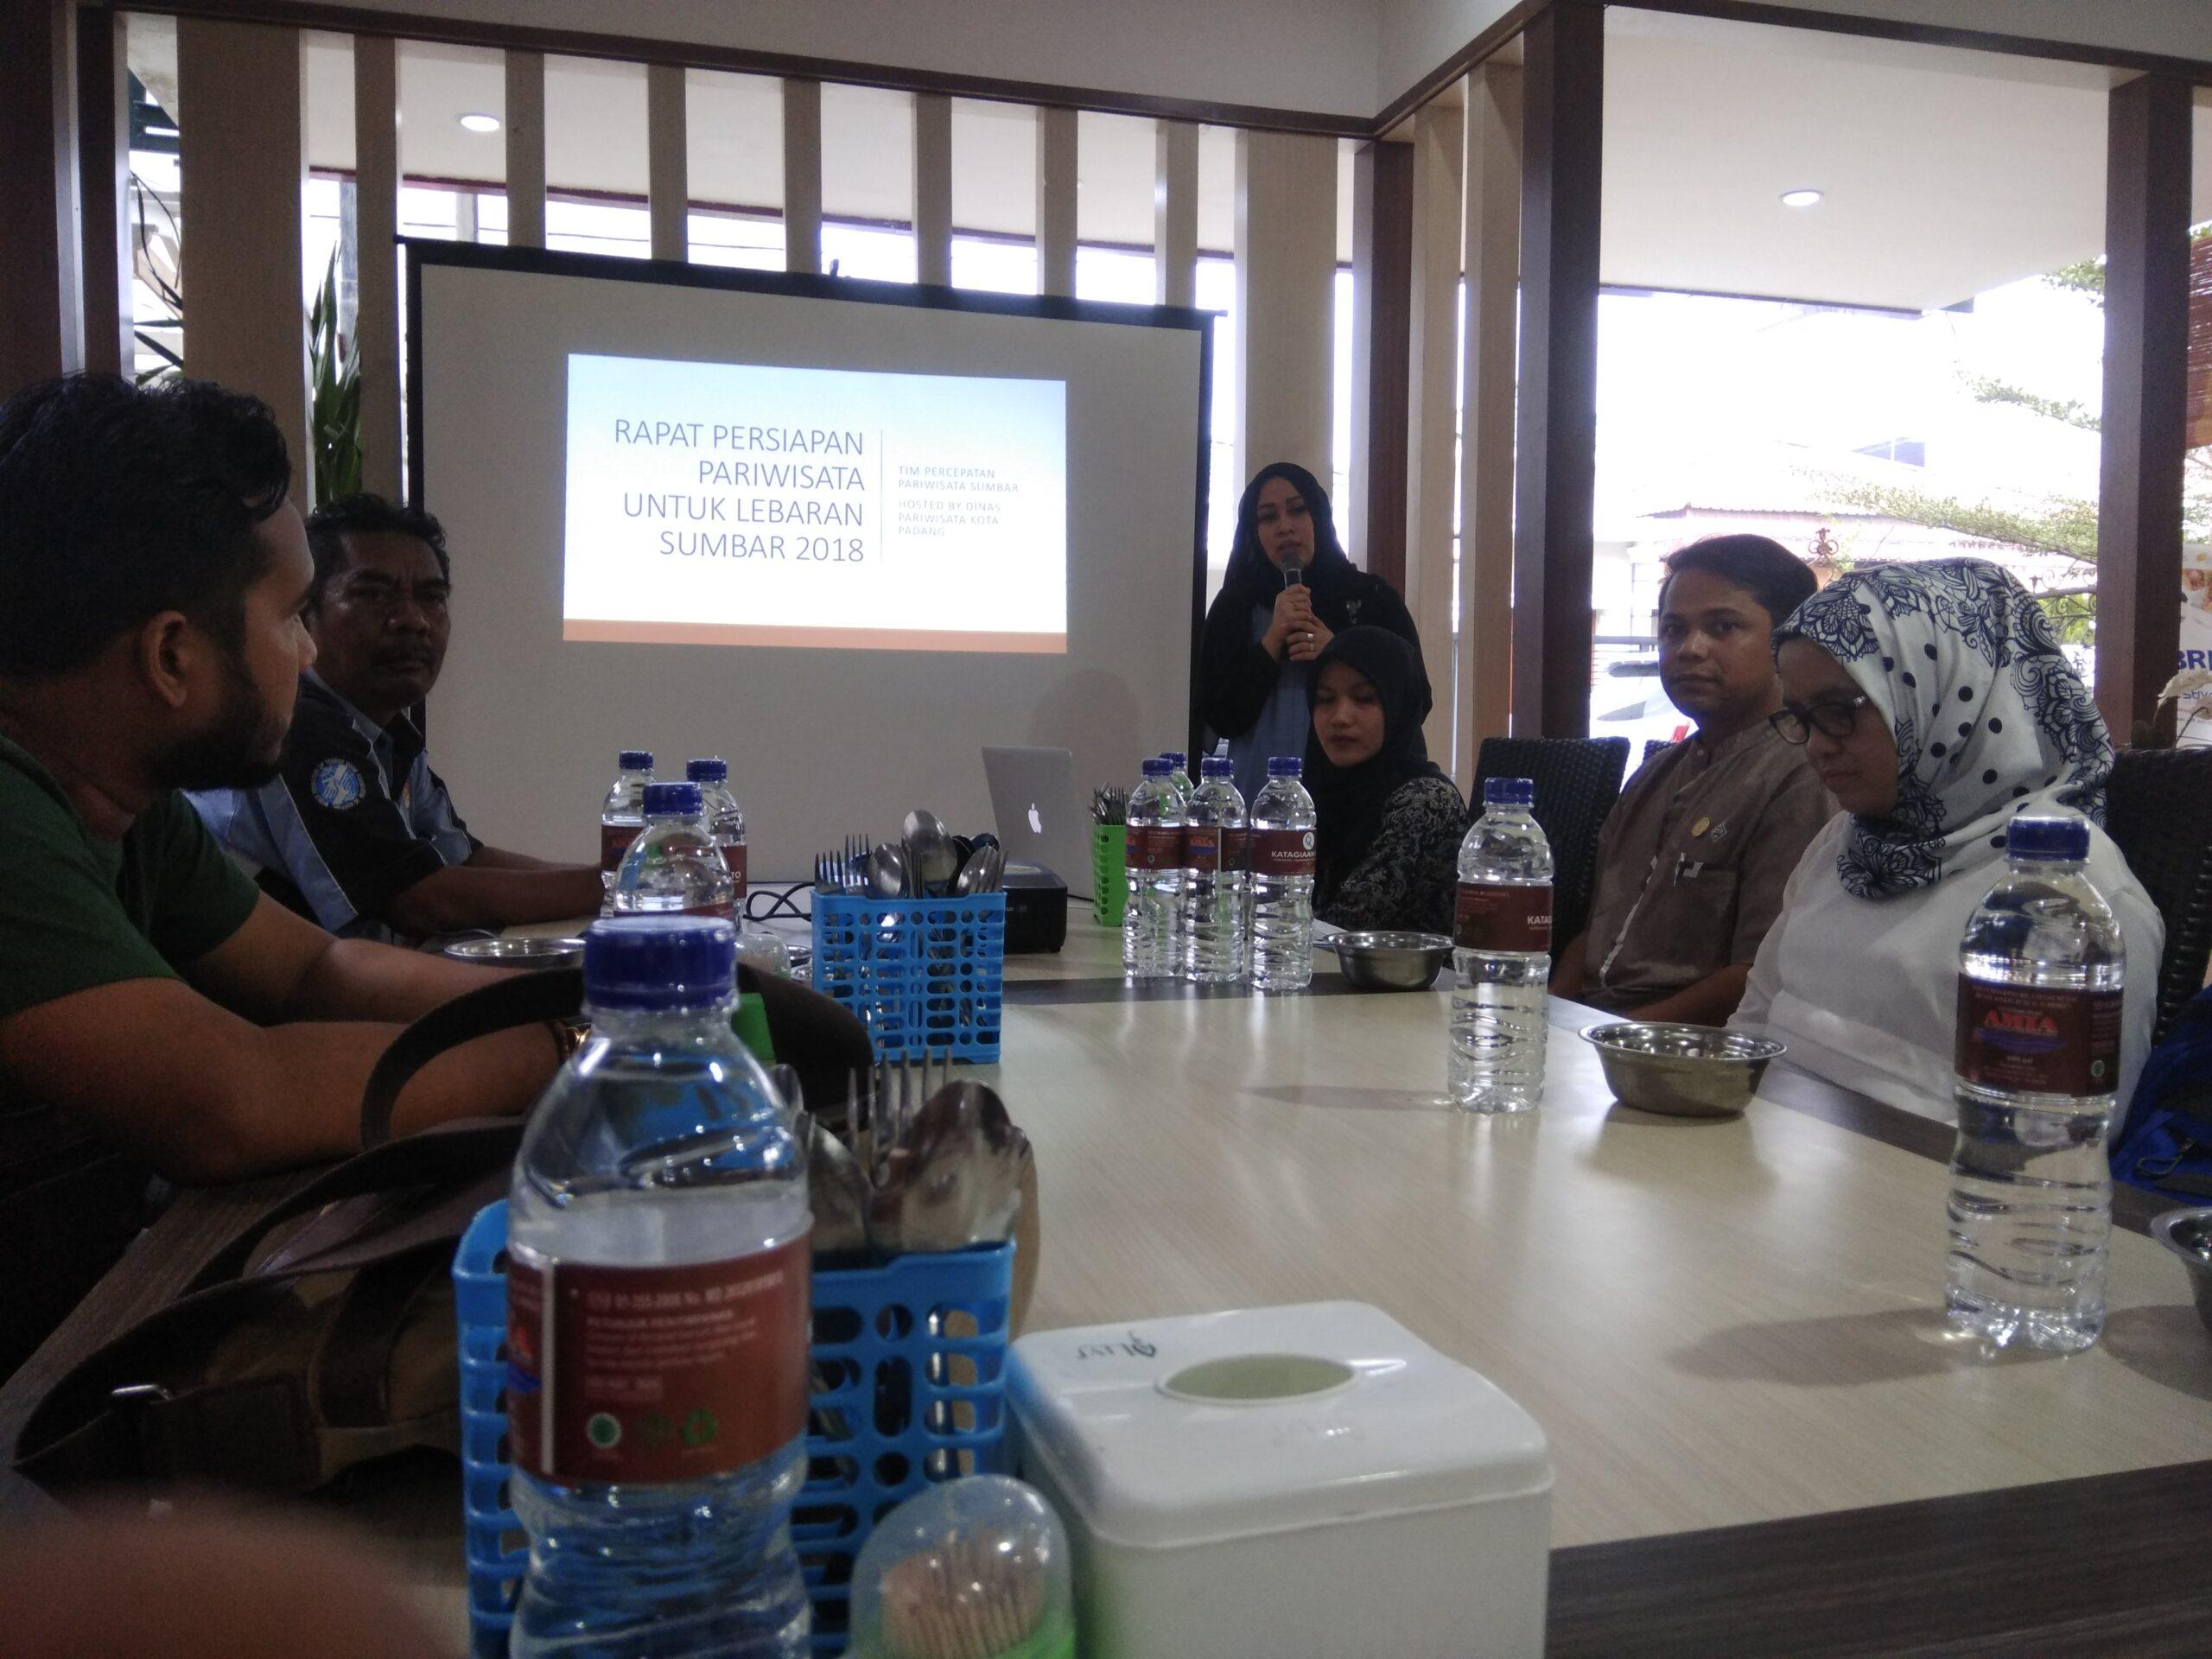 Pakar pariwisata Unand, Sari Lenggogeni memaparkan permasalahan saat libur Lebaran saat rapat bersama stakeholder pariwisata di Padang, Rabu (23/5/2018). Foto : Hijrah Adi Sukrial